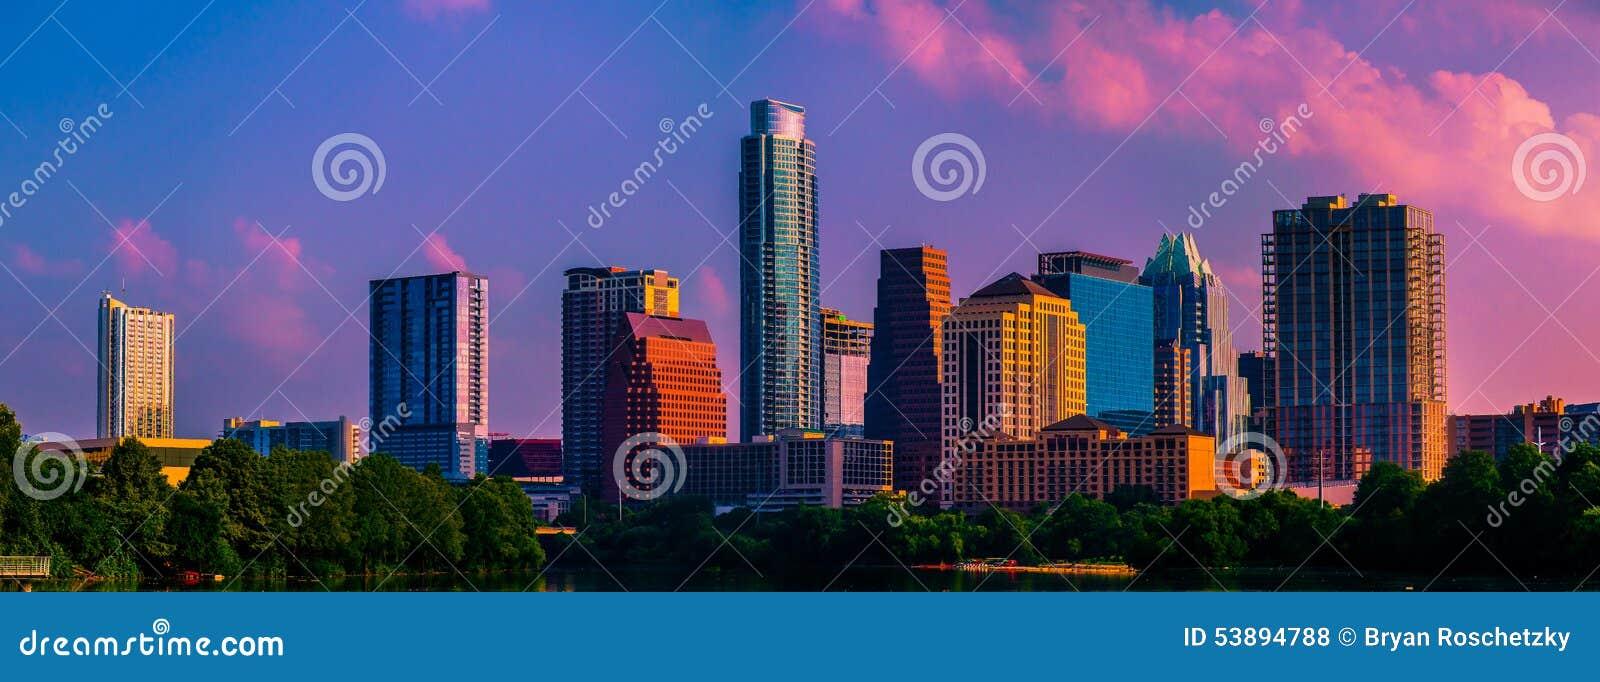 Dnia Dobrego Ameryko Austin Teksas menchia Chmurnieje linię horyzontu